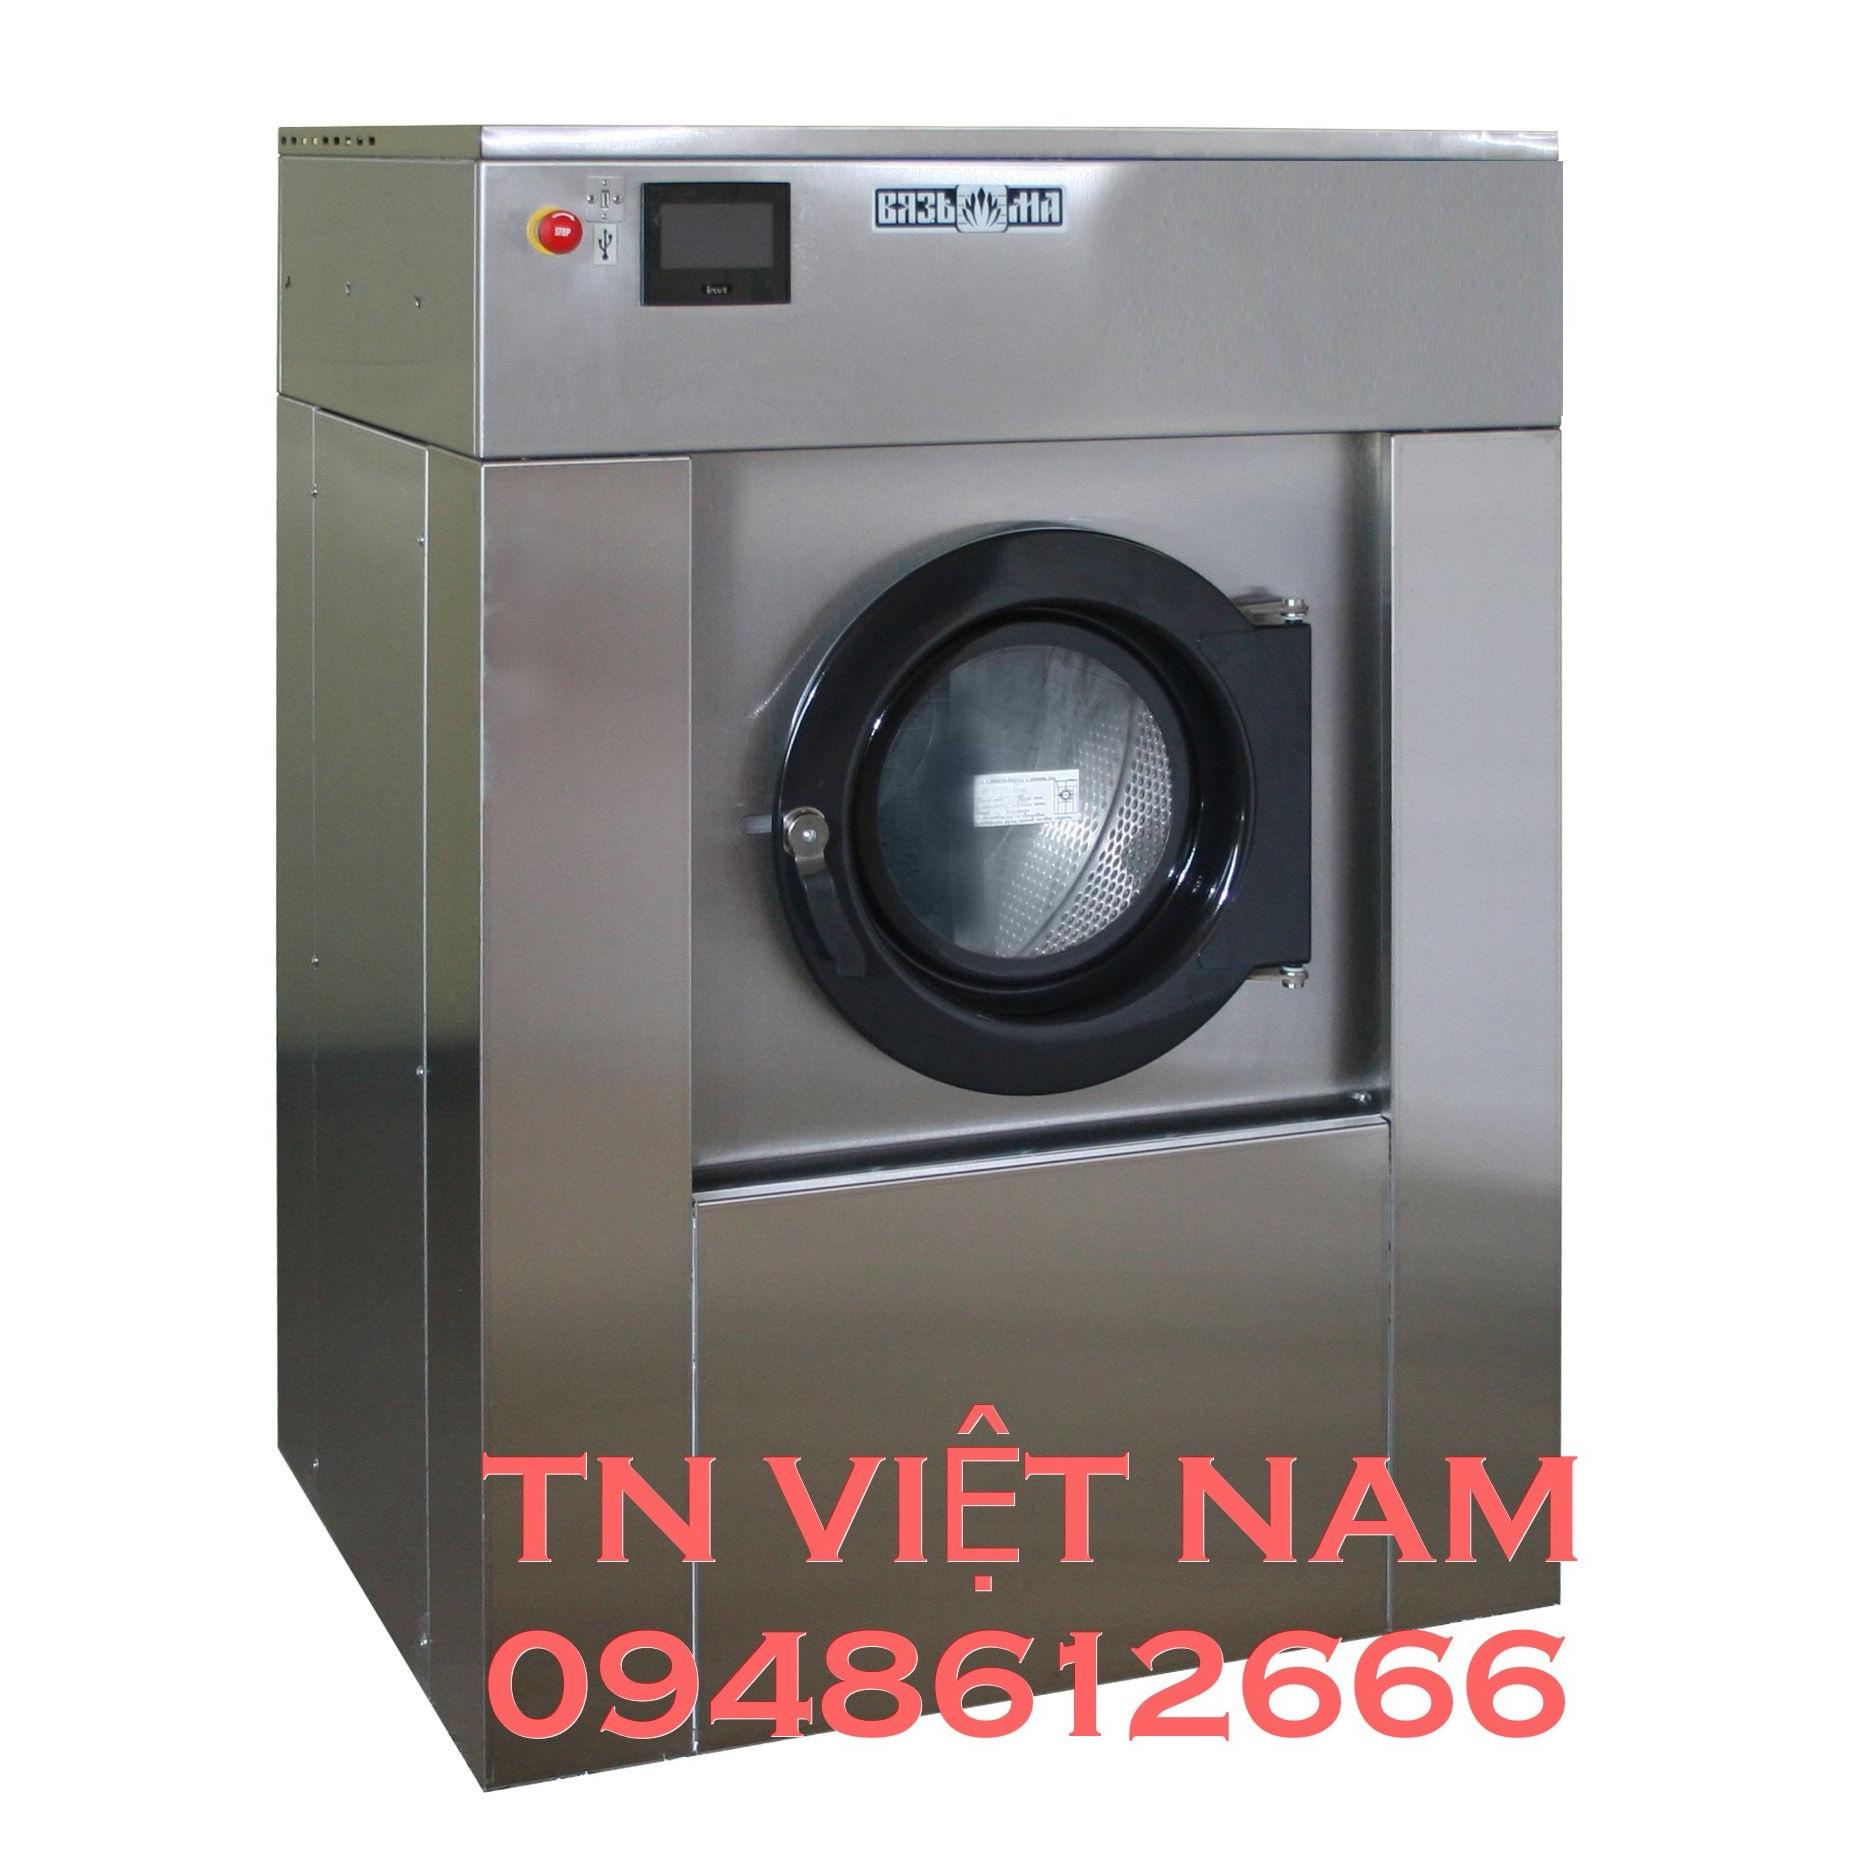 Máy giặt công nghiệp lồng treo VYAZMA công suất 20kg - Model VO-20 Nga